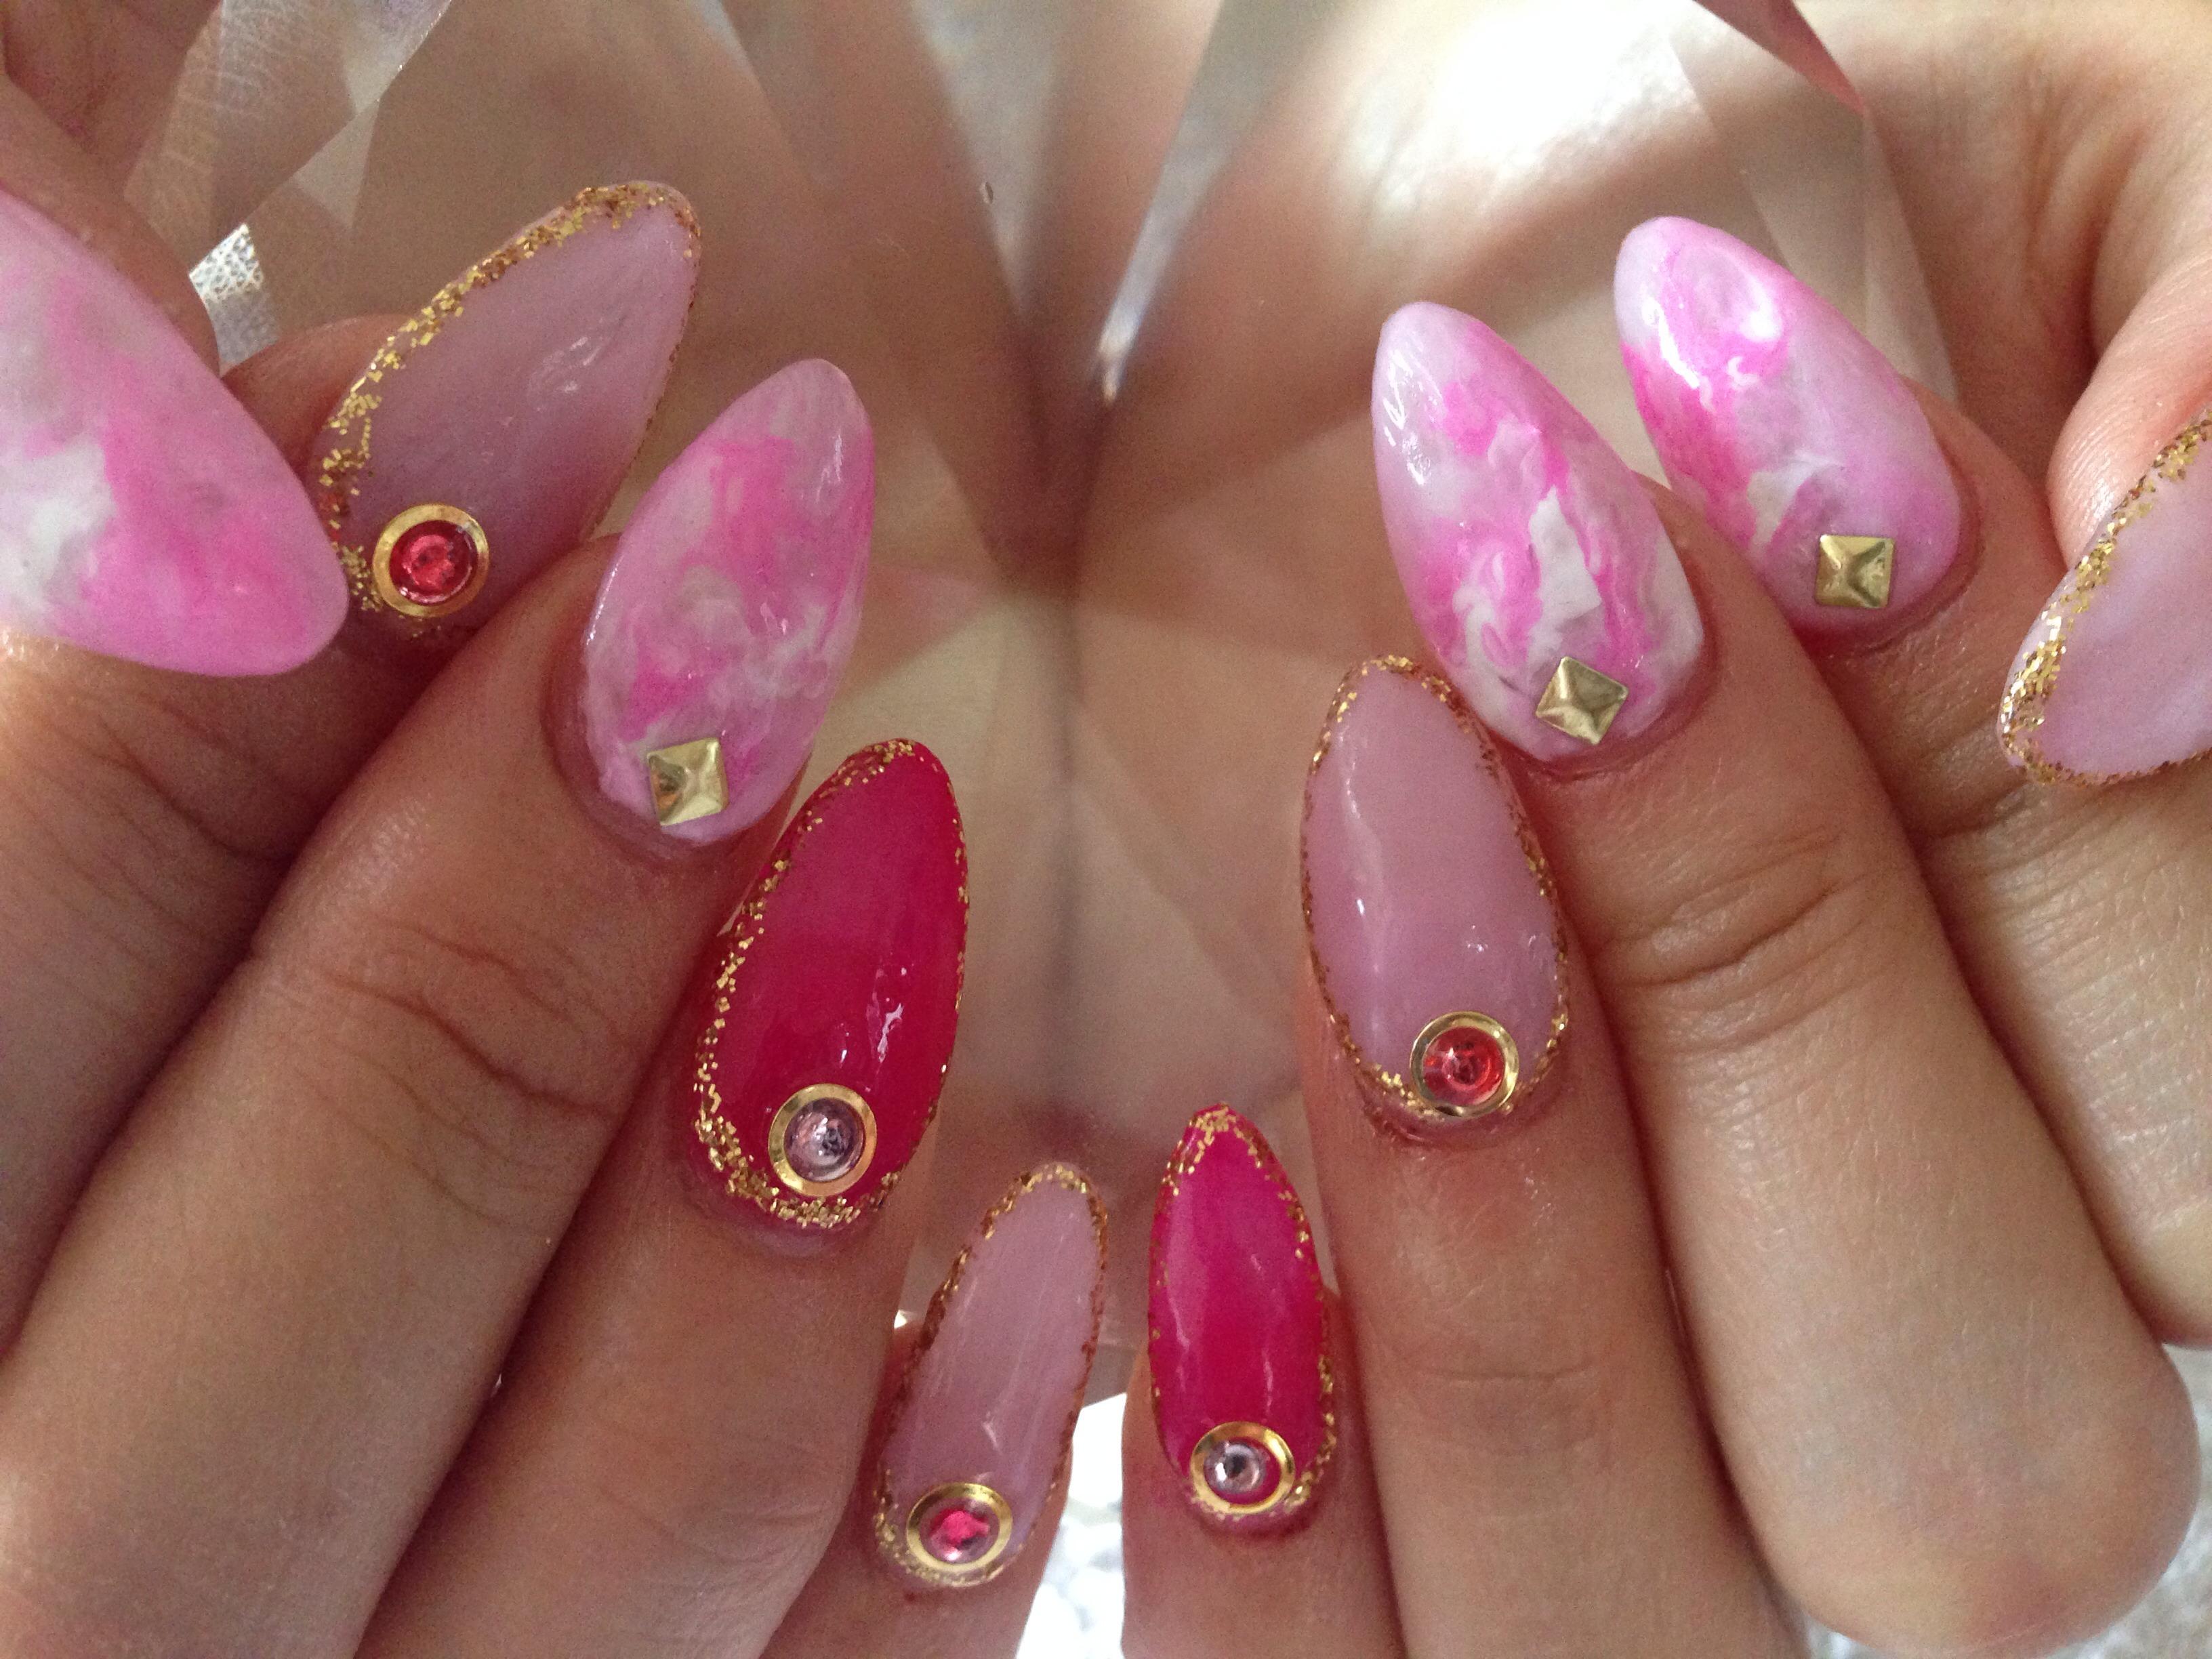 春らしい、ピンクとパープルのタイダイ柄ネイル♡( ᵕ̤ૢᴗᵕ̤ૢ )♡